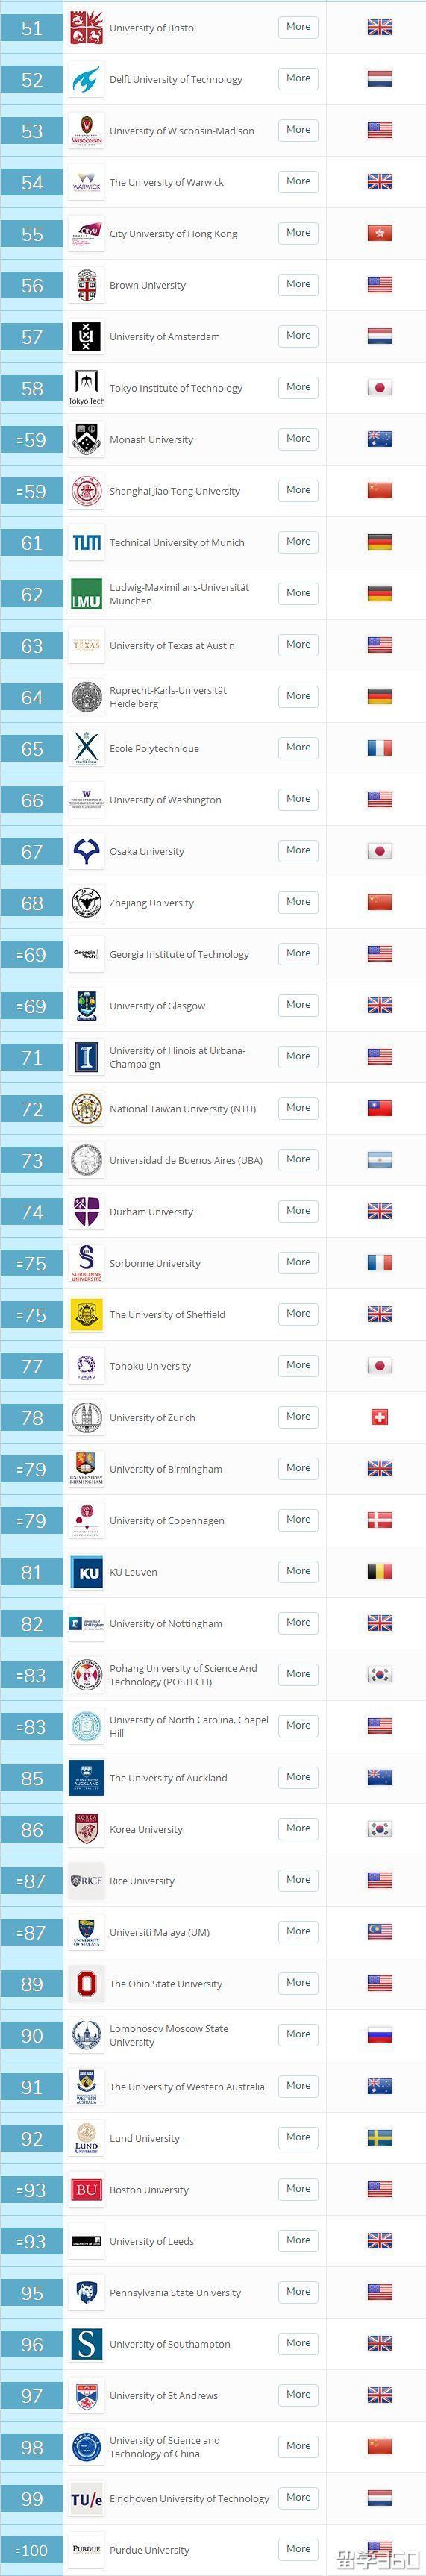 2019年QS世界大学排名!美国霸屏,清华勇攀TOP20!